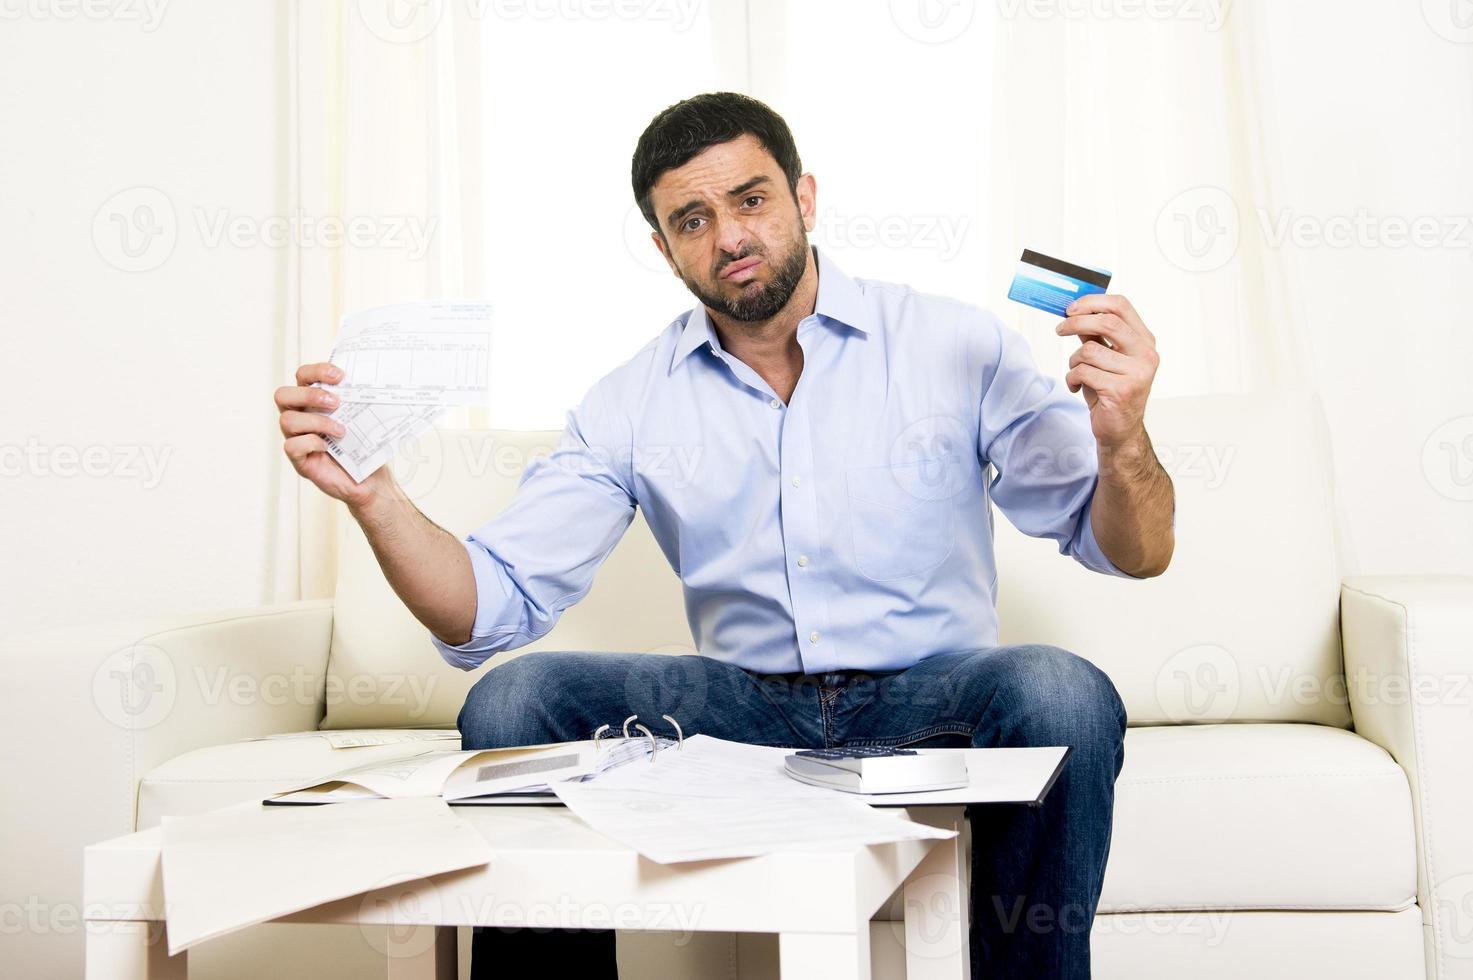 Der hübsche lateinamerikanische Geschäftsmann machte sich Sorgen, die Rechnungen auf der Couch zu bezahlen foto